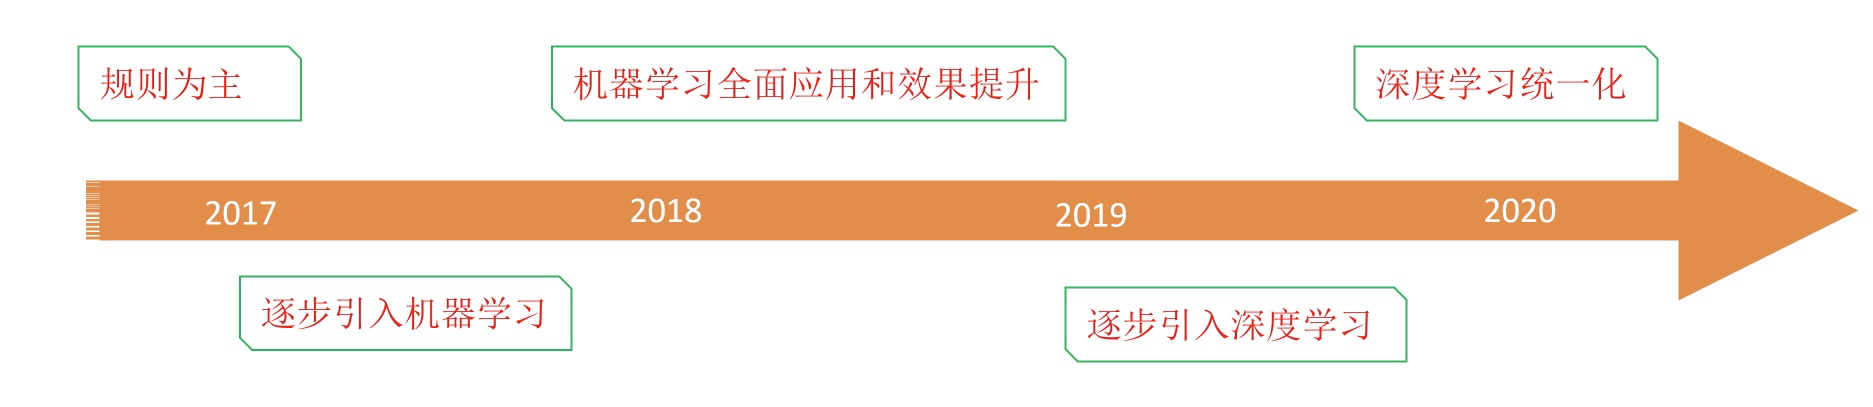 zhangqiang4.png